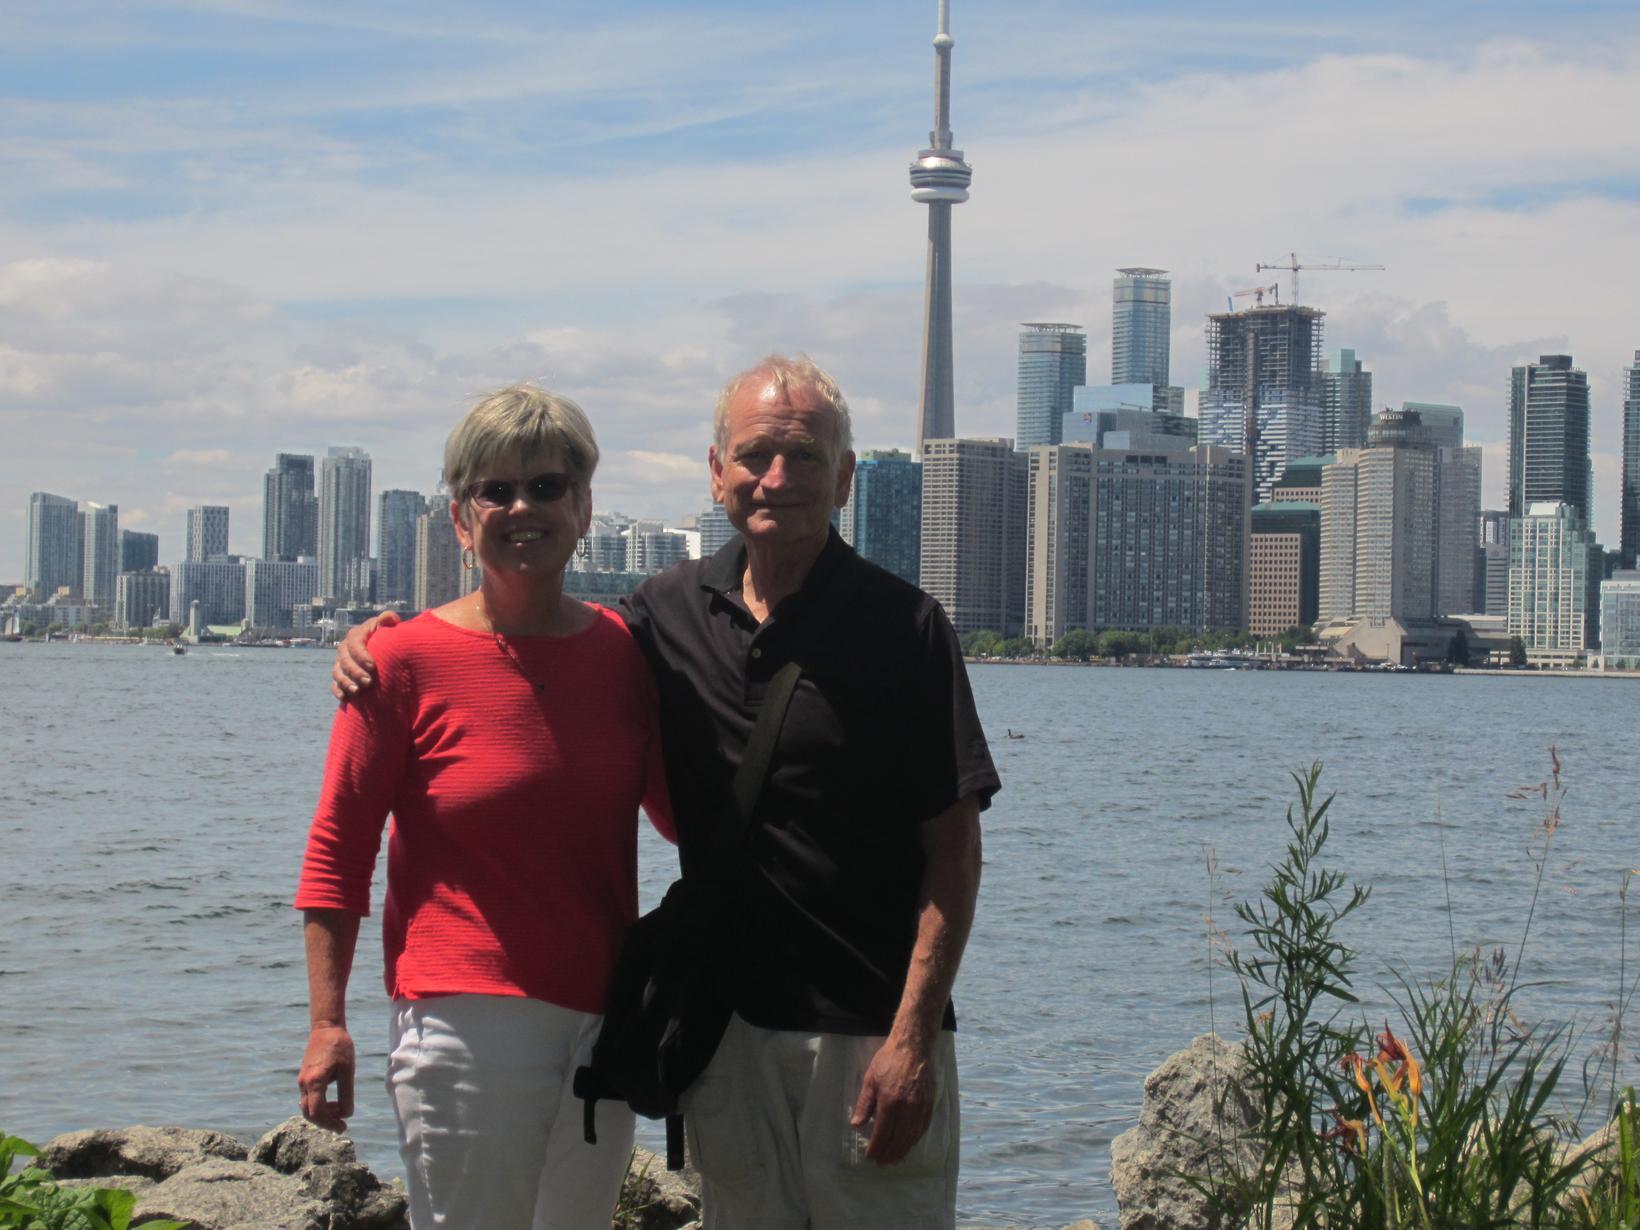 Tara & Frank from Sarnia, Ontario, Canada